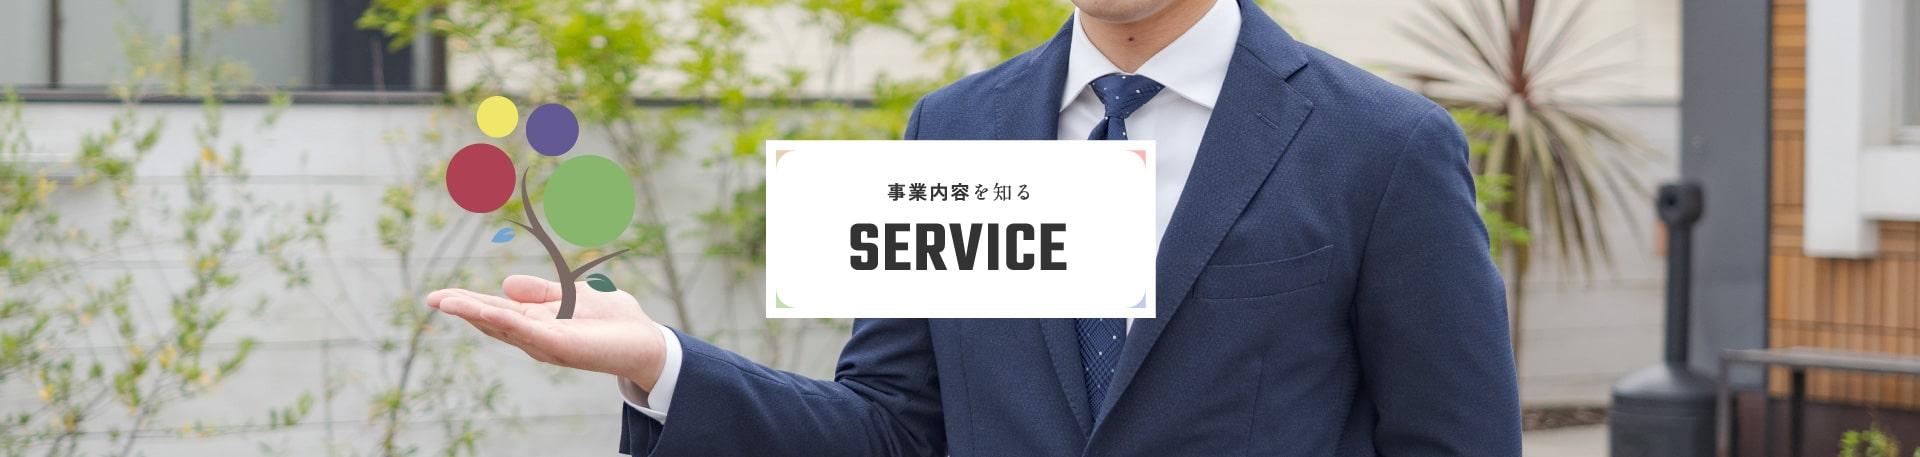 事業内容を知る service